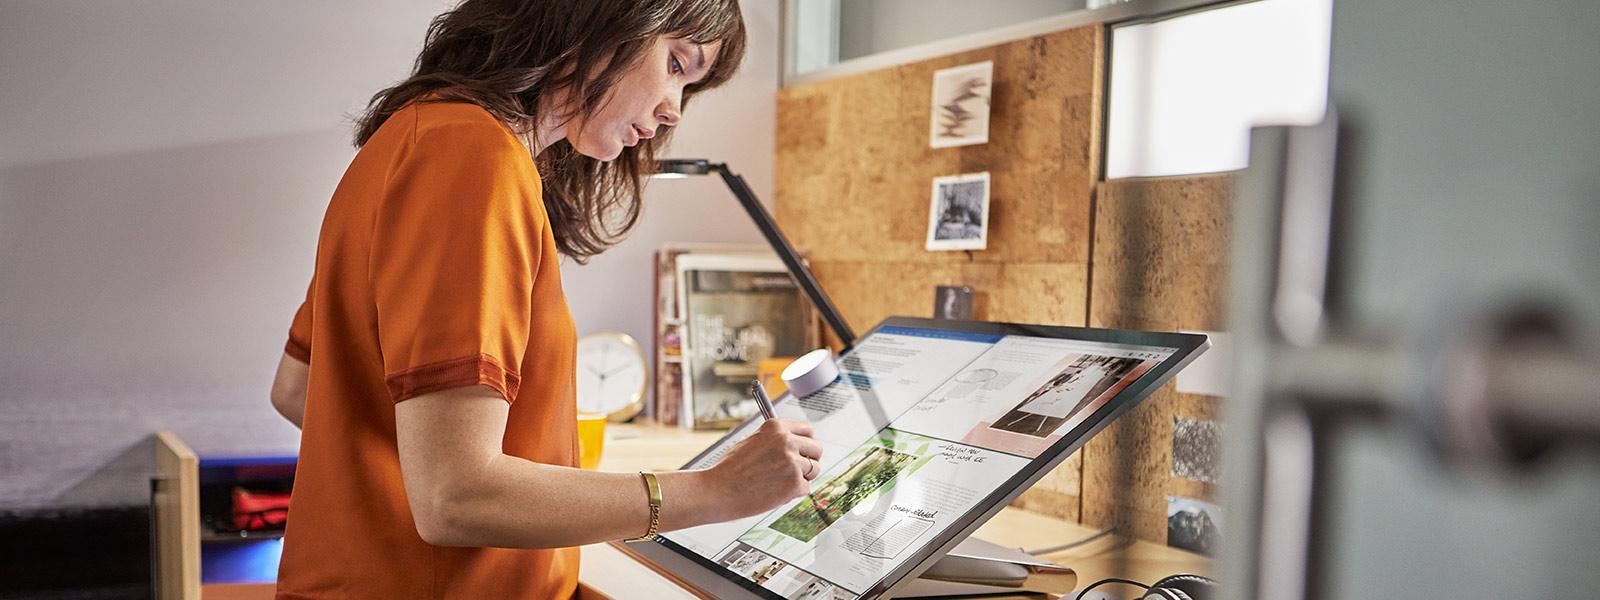 Femme utilisant le stylet sur Surface Studio.